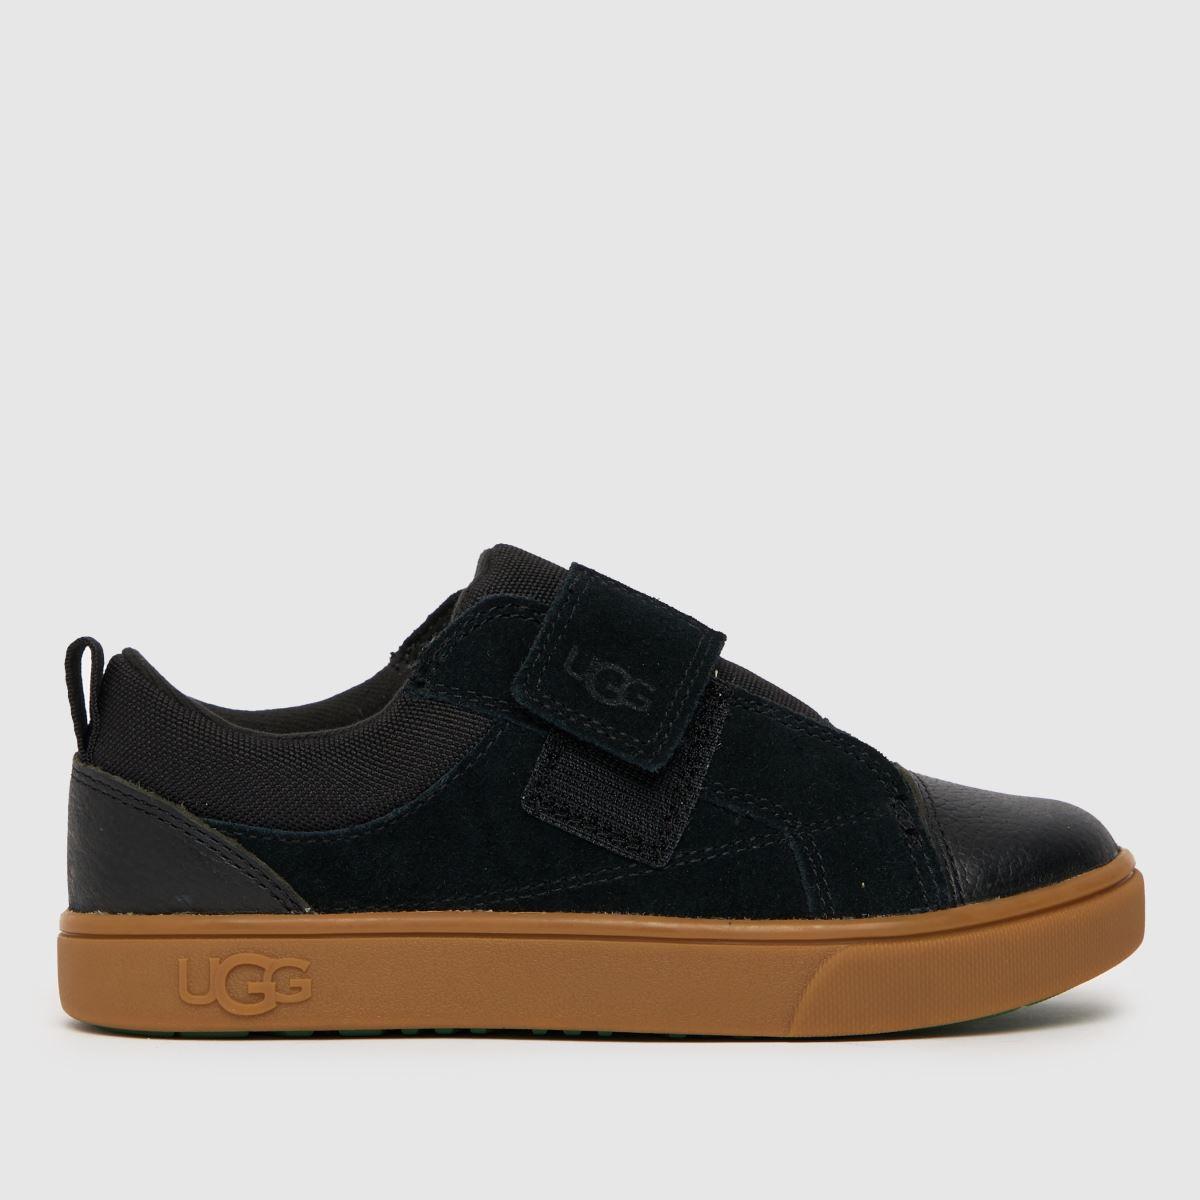 UGG Black Rennon Low Tdlr Boots Toddler